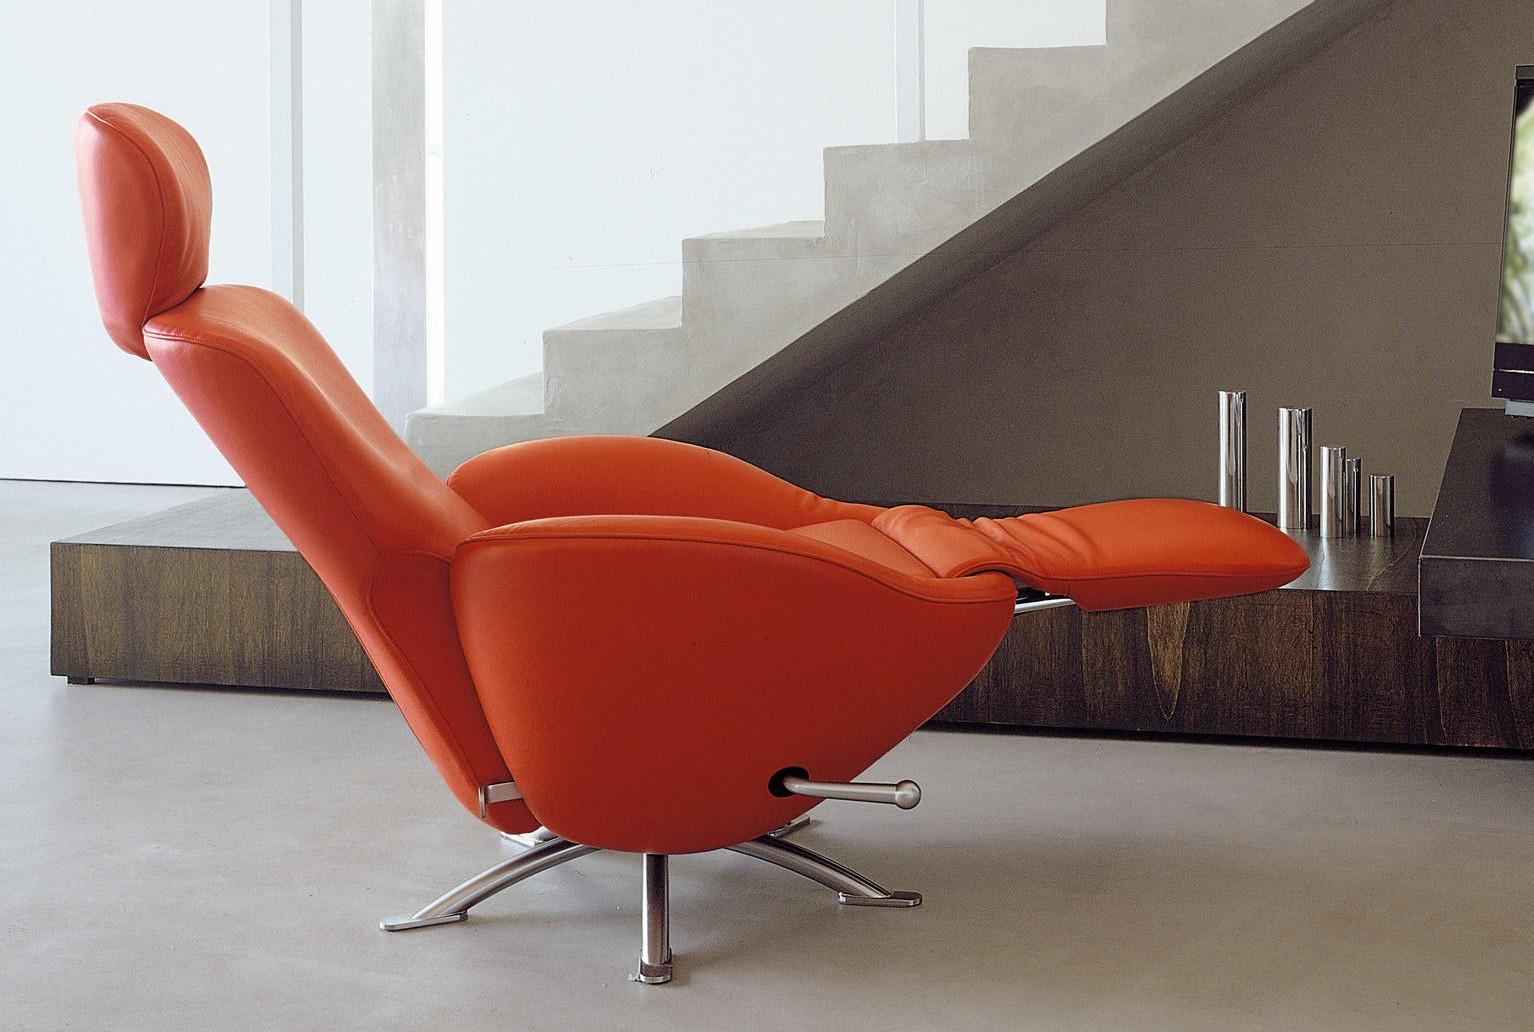 P22 lenestol | Møbelgalleriet Stavanger | Designmøbler